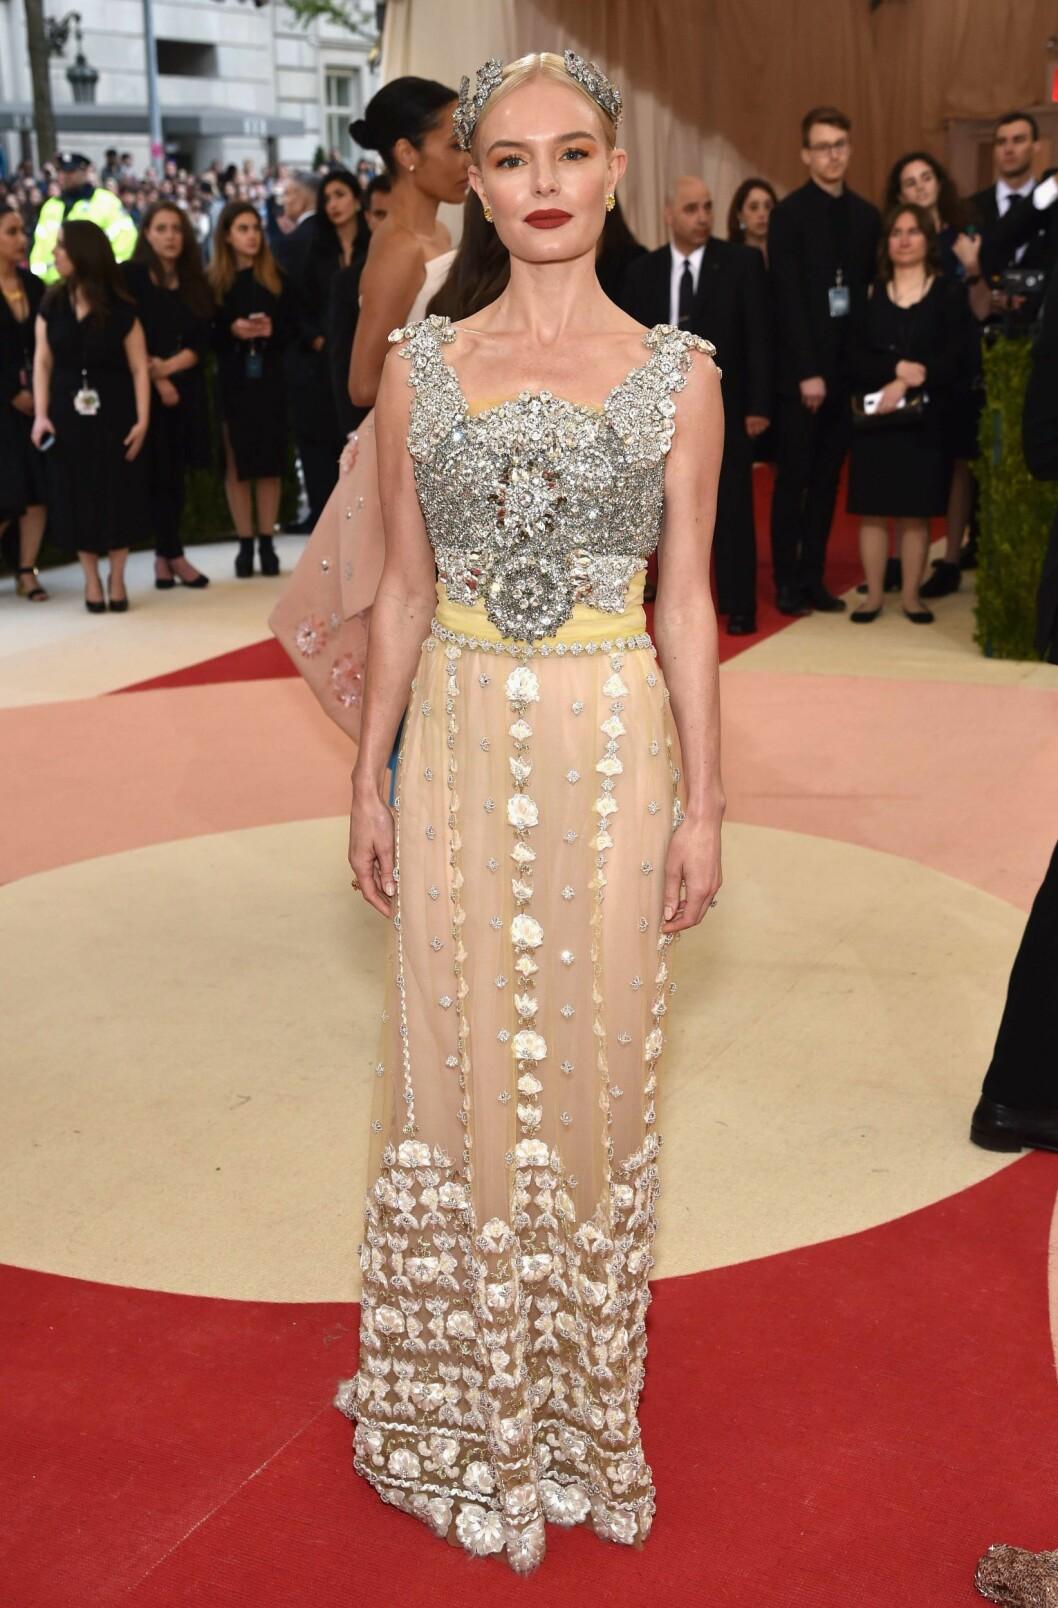 GUDOMMELIG: Kate Bosworth skilte seg ut i en glitrende kreasjon fra Dolce & Gabbana. Legg merke til hodepryden og de mørke leppene.  Foto: Afp